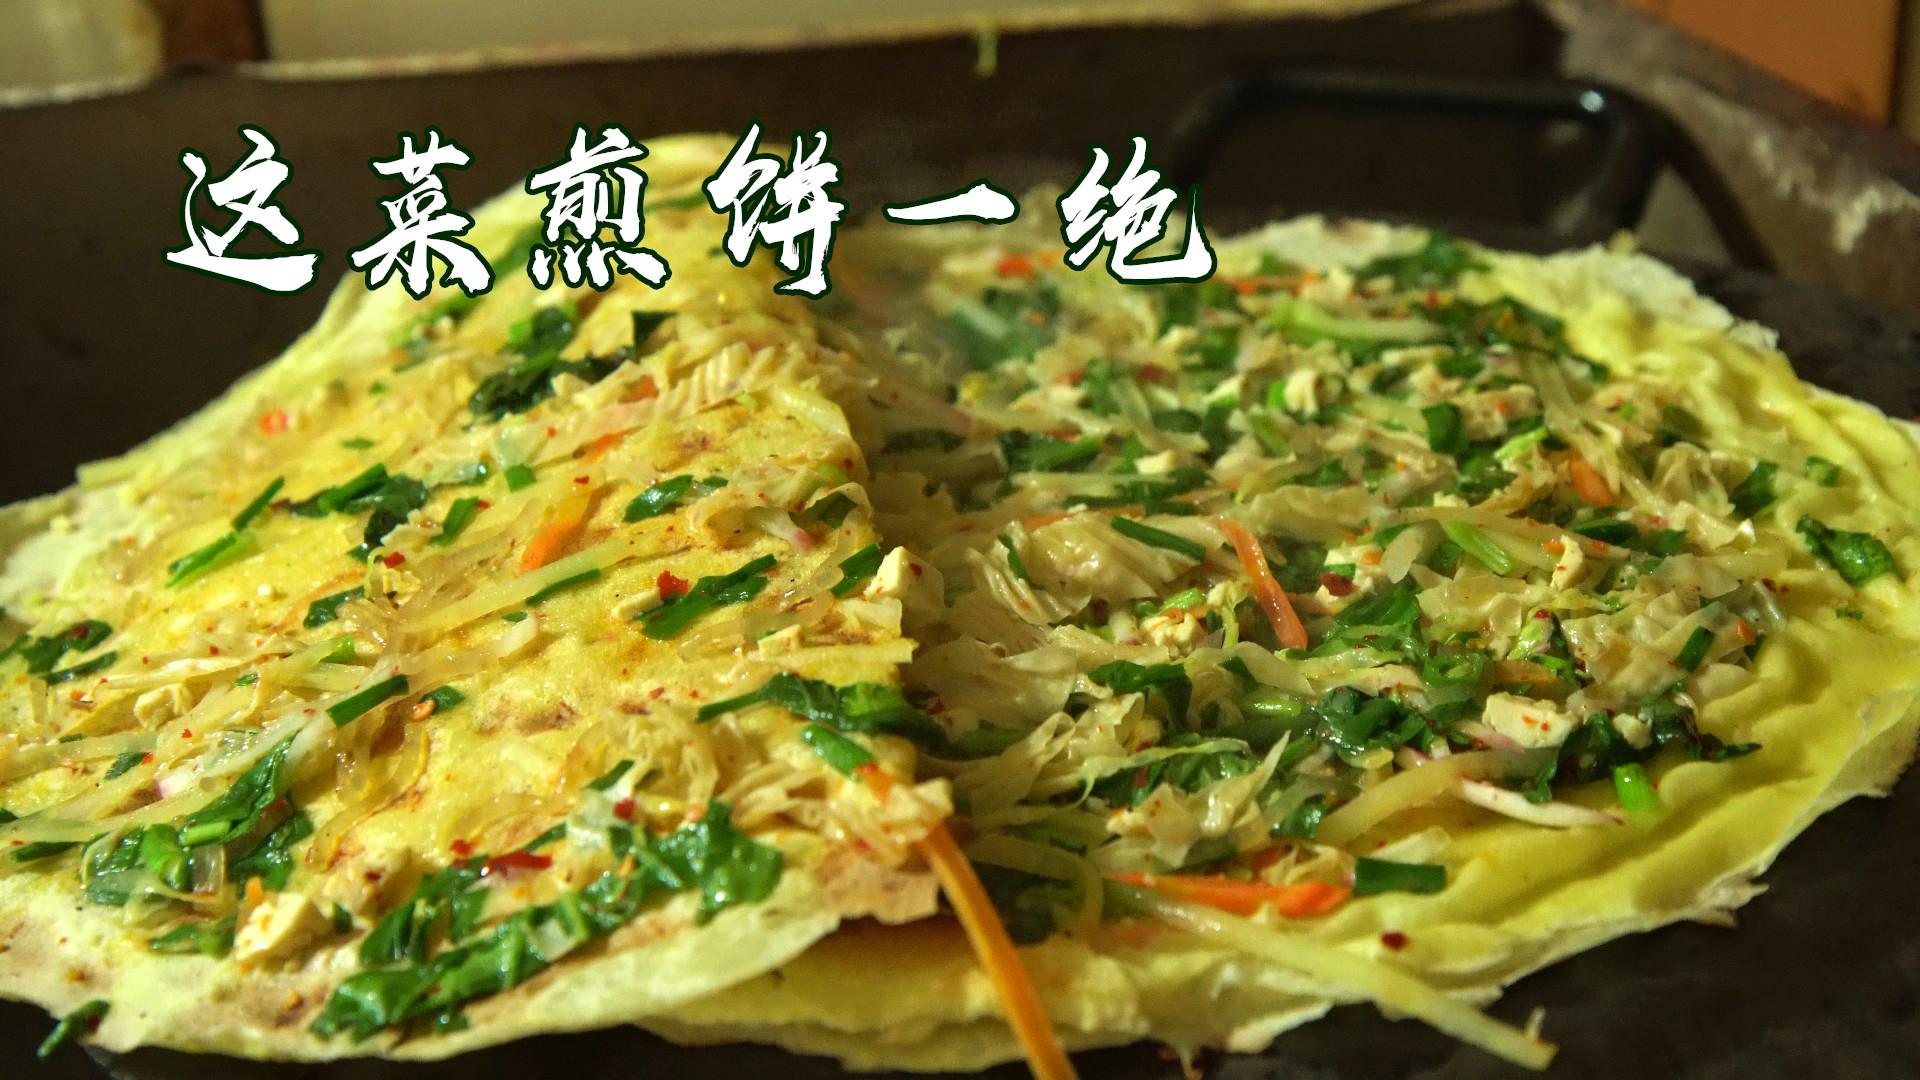 舌尖徐州:有人为吃它排队90分钟?这家店是徐州菜煎饼的王者